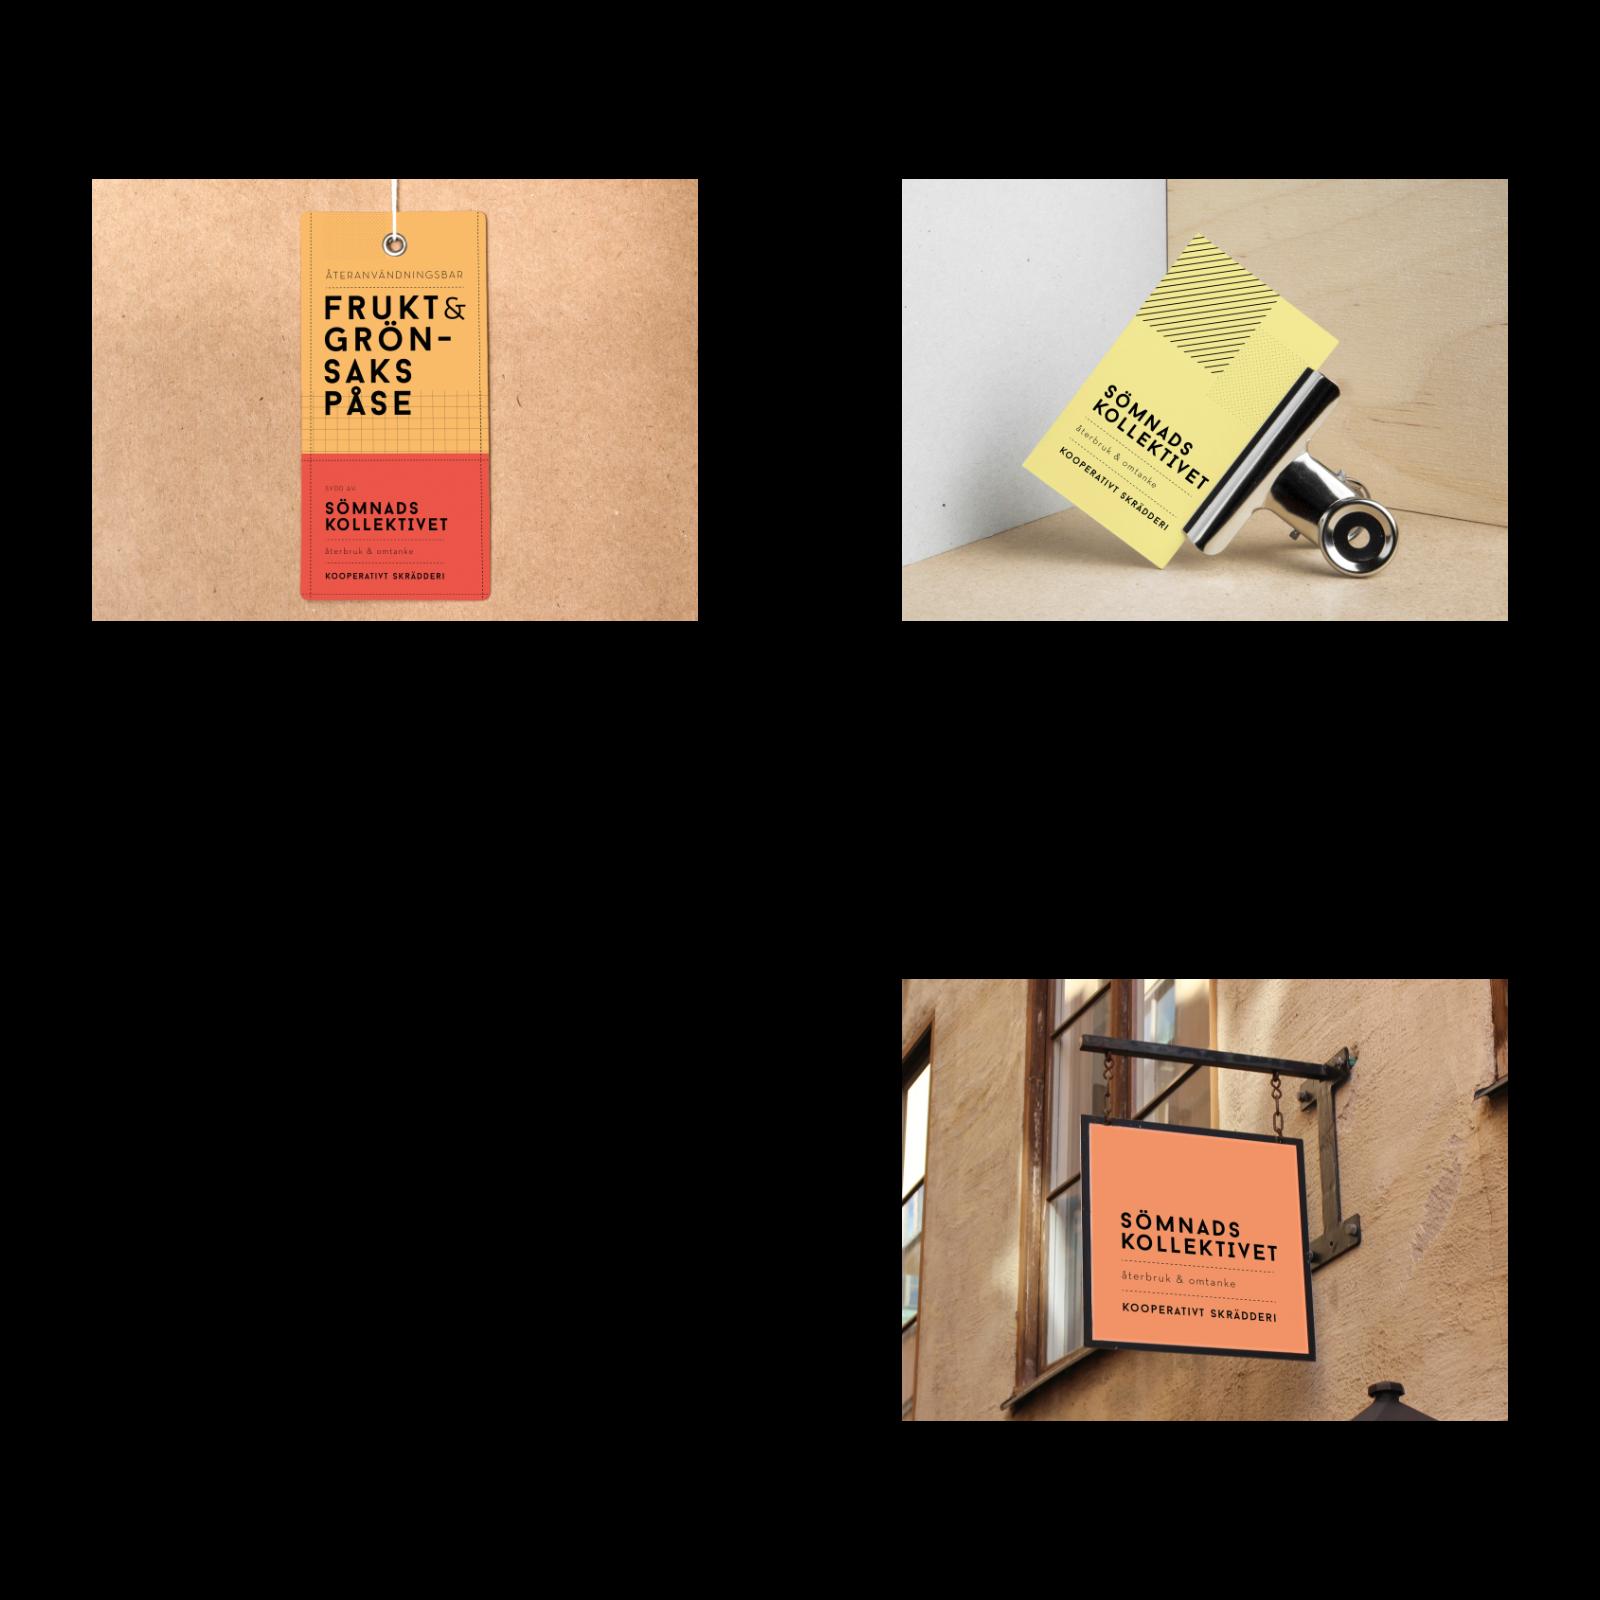 Den grafiska identitet som Geektown skapade för Sömnadskollektivet har belönats med både Svenska designpriset 2018 och German design awards 2020. Foto: Geektown.